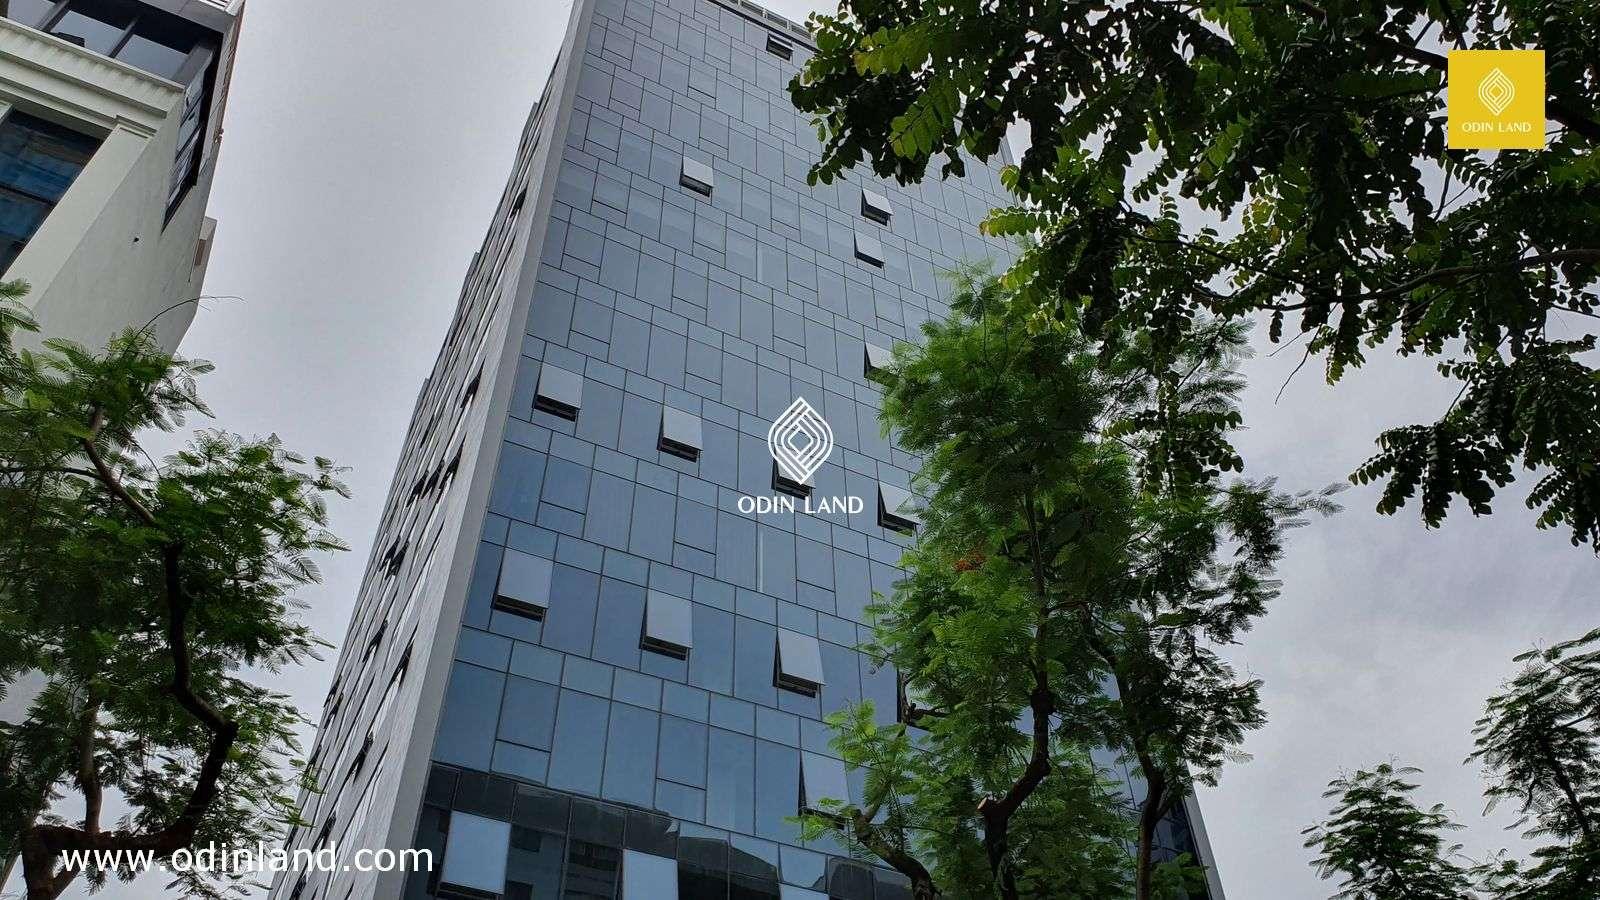 Van Phong Cho Thue Toa Nha Adg Tower (2)